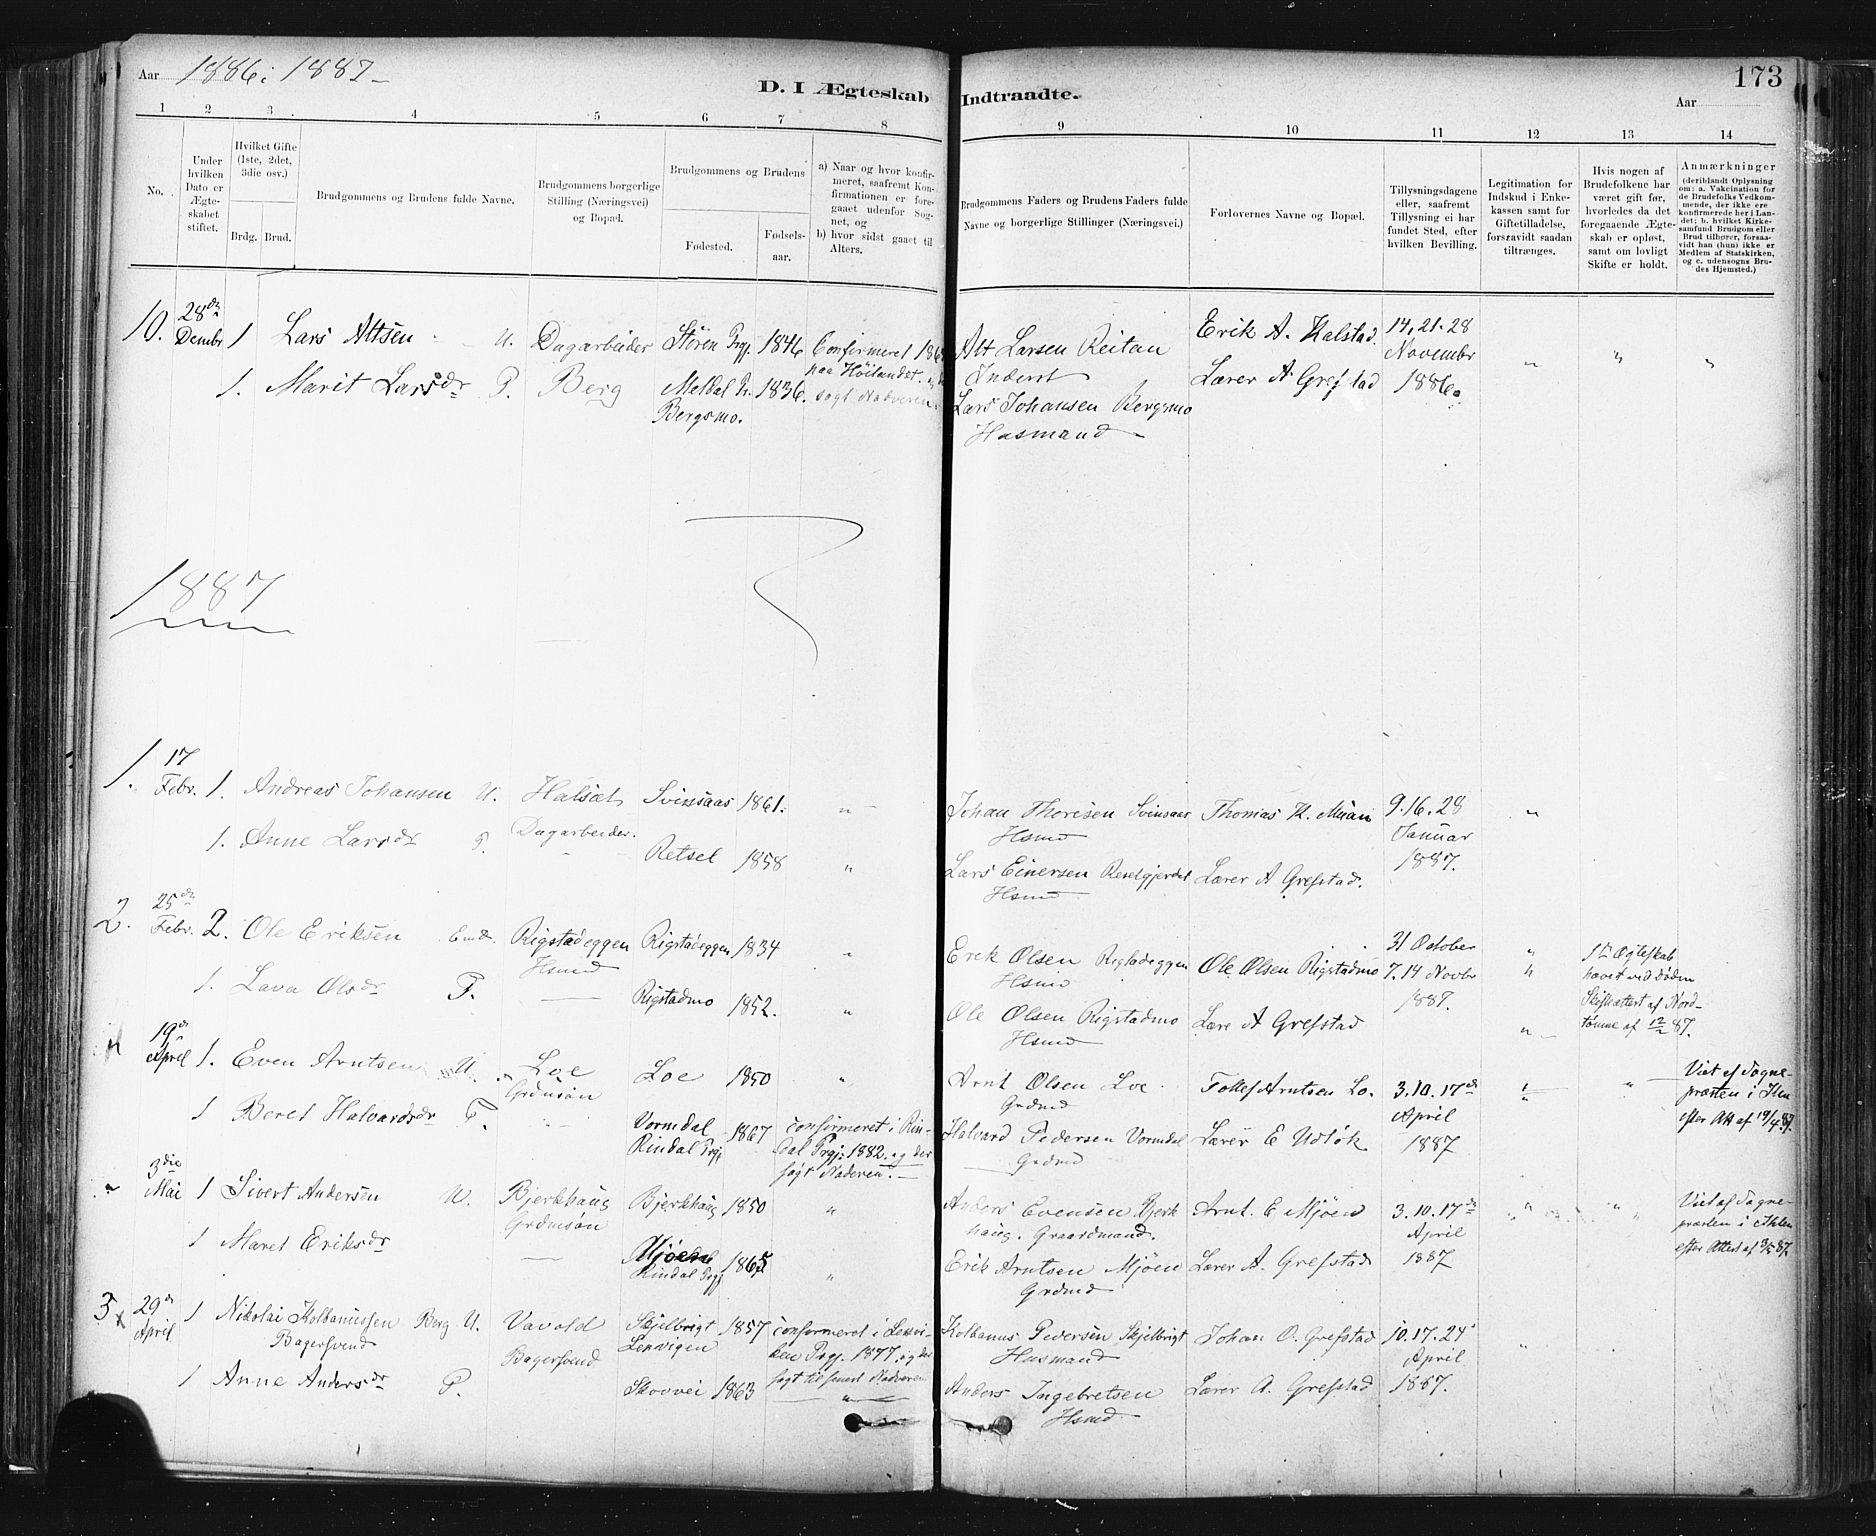 SAT, Ministerialprotokoller, klokkerbøker og fødselsregistre - Sør-Trøndelag, 672/L0857: Ministerialbok nr. 672A09, 1882-1893, s. 173